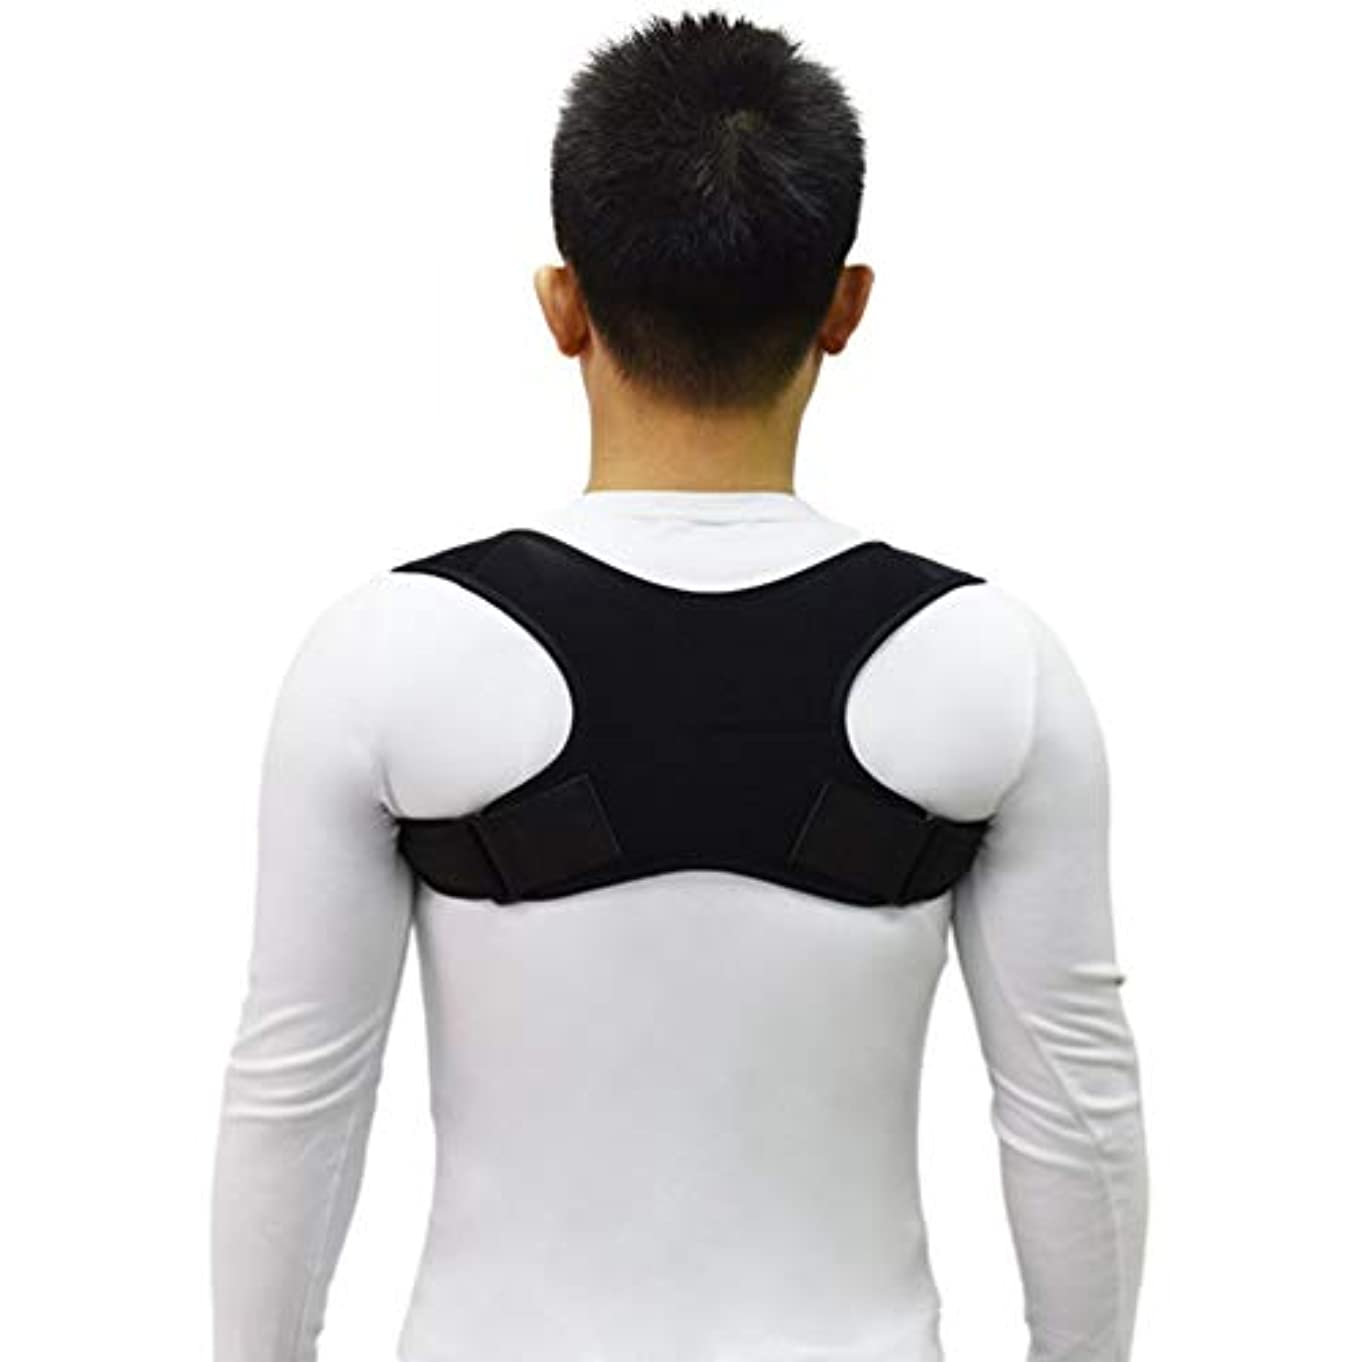 下向き管理オゾン新しいアッパーバックポスチャーコレクター姿勢鎖骨サポートコレクターバックストレートショルダーブレースストラップコレクター - ブラック